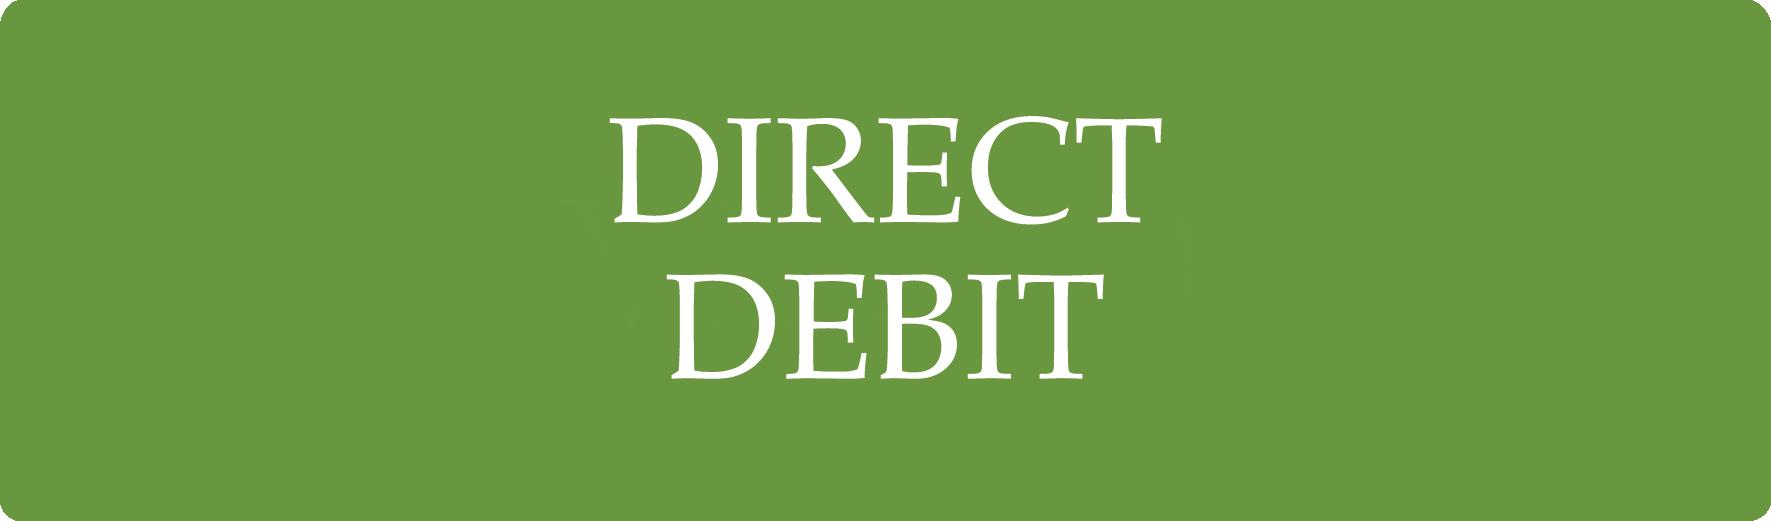 DIRECT_DEBIT_V1.png